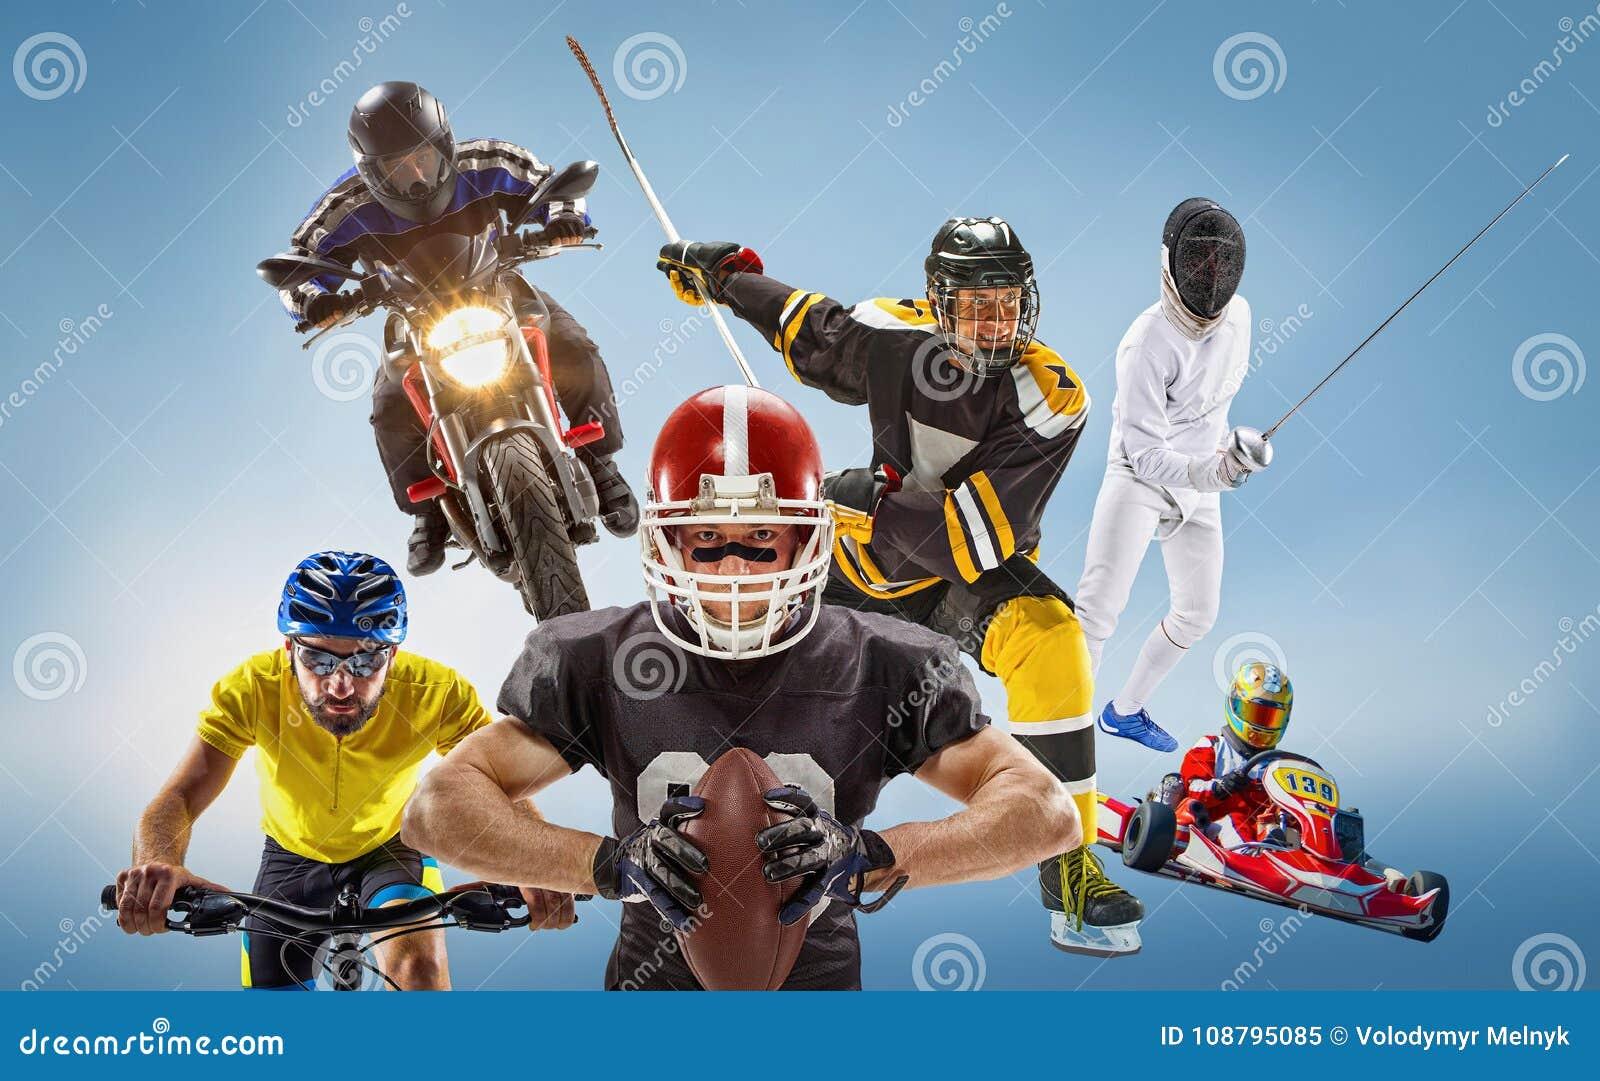 Il multi collage concettuale di sport con football americano, hockey, cyclotourism, recintante, sport di motore